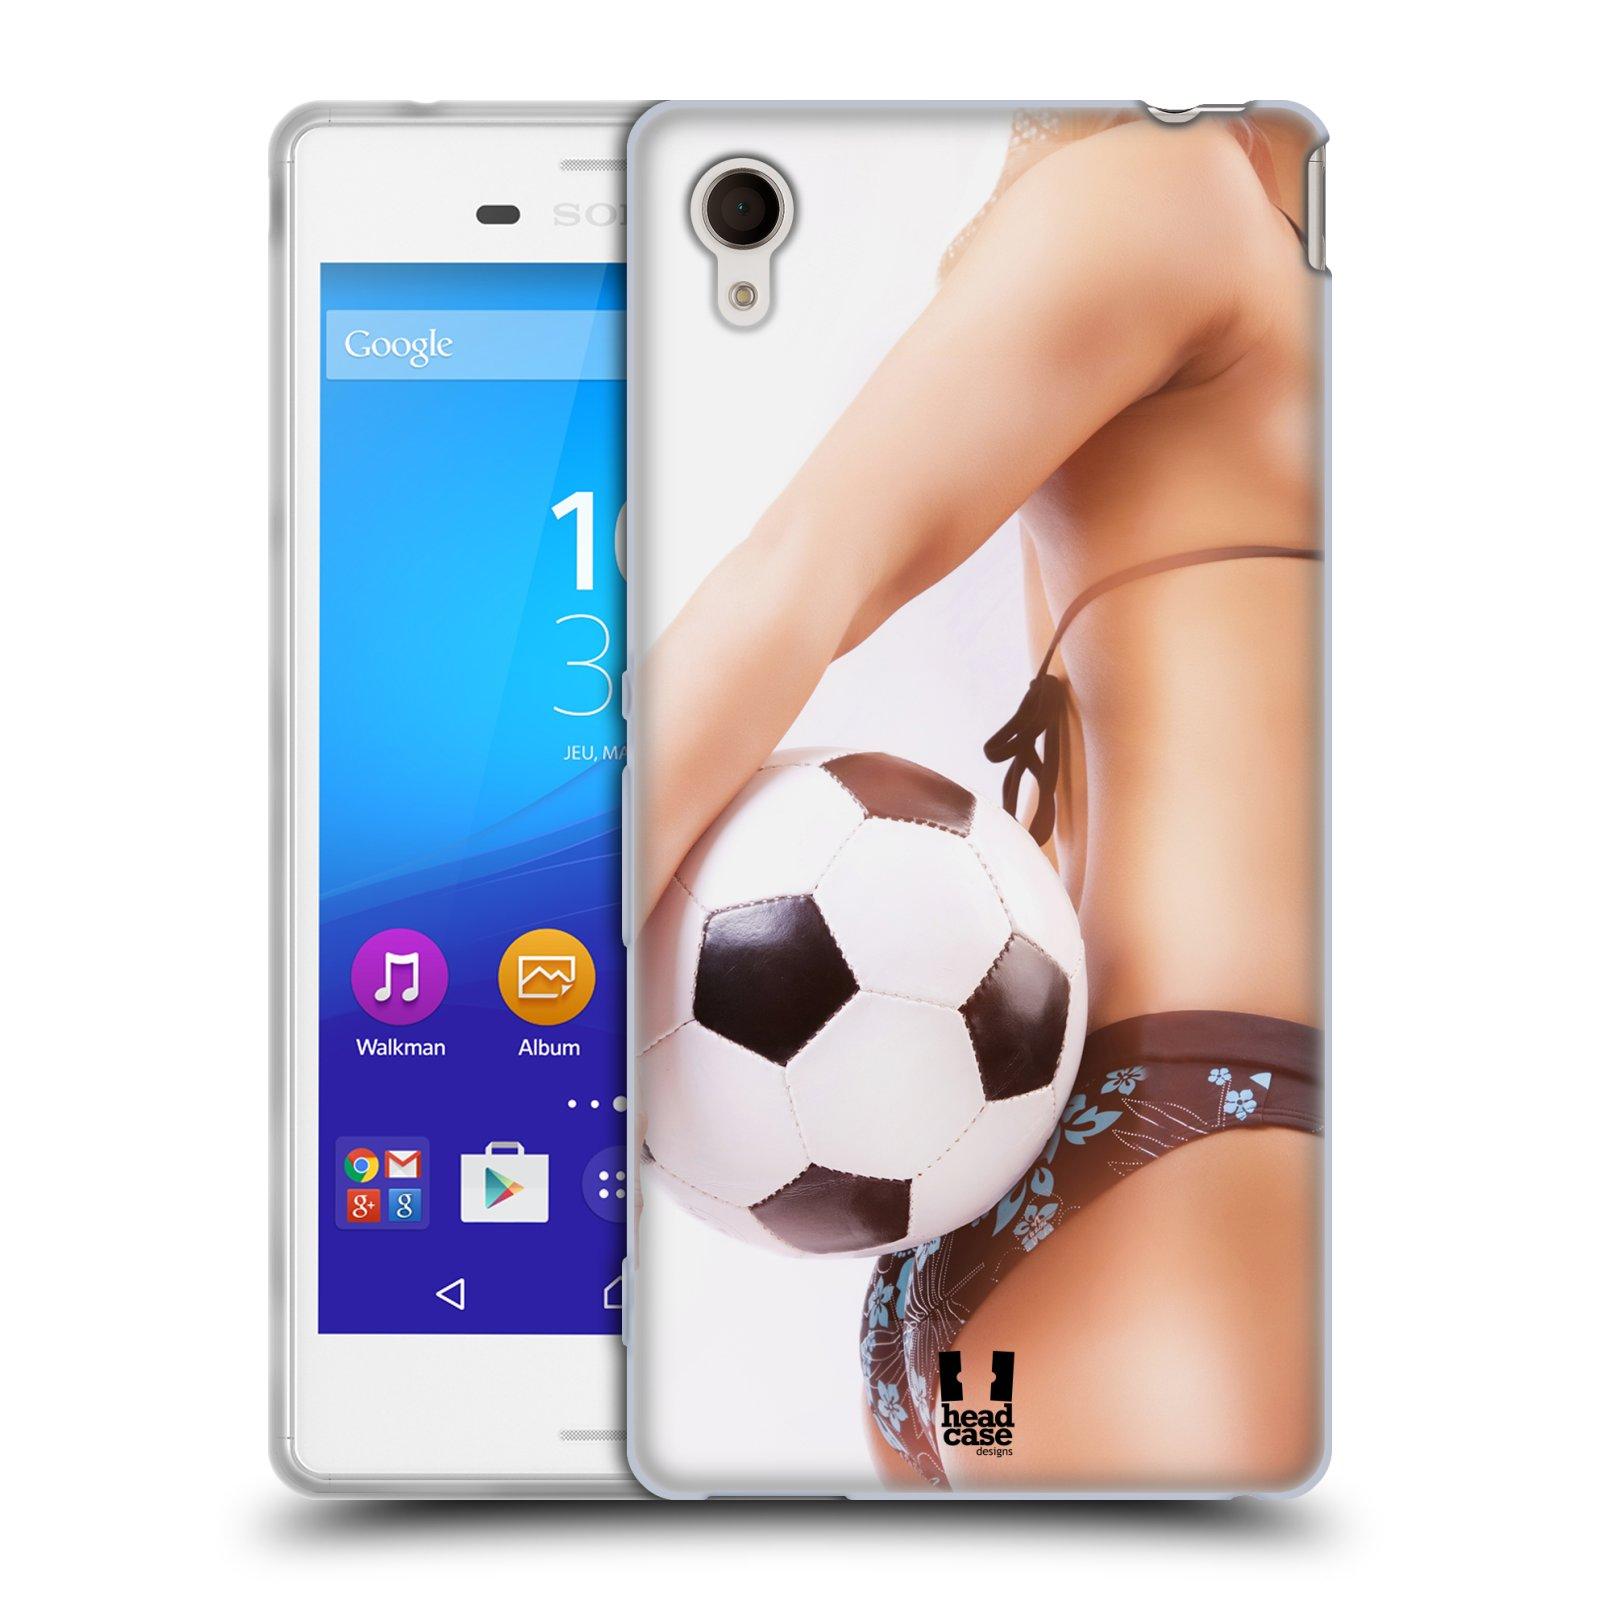 Silikonové pouzdro na mobil Sony Xperia M4 Aqua E2303 HEAD CASE SEXY ZADEČEK